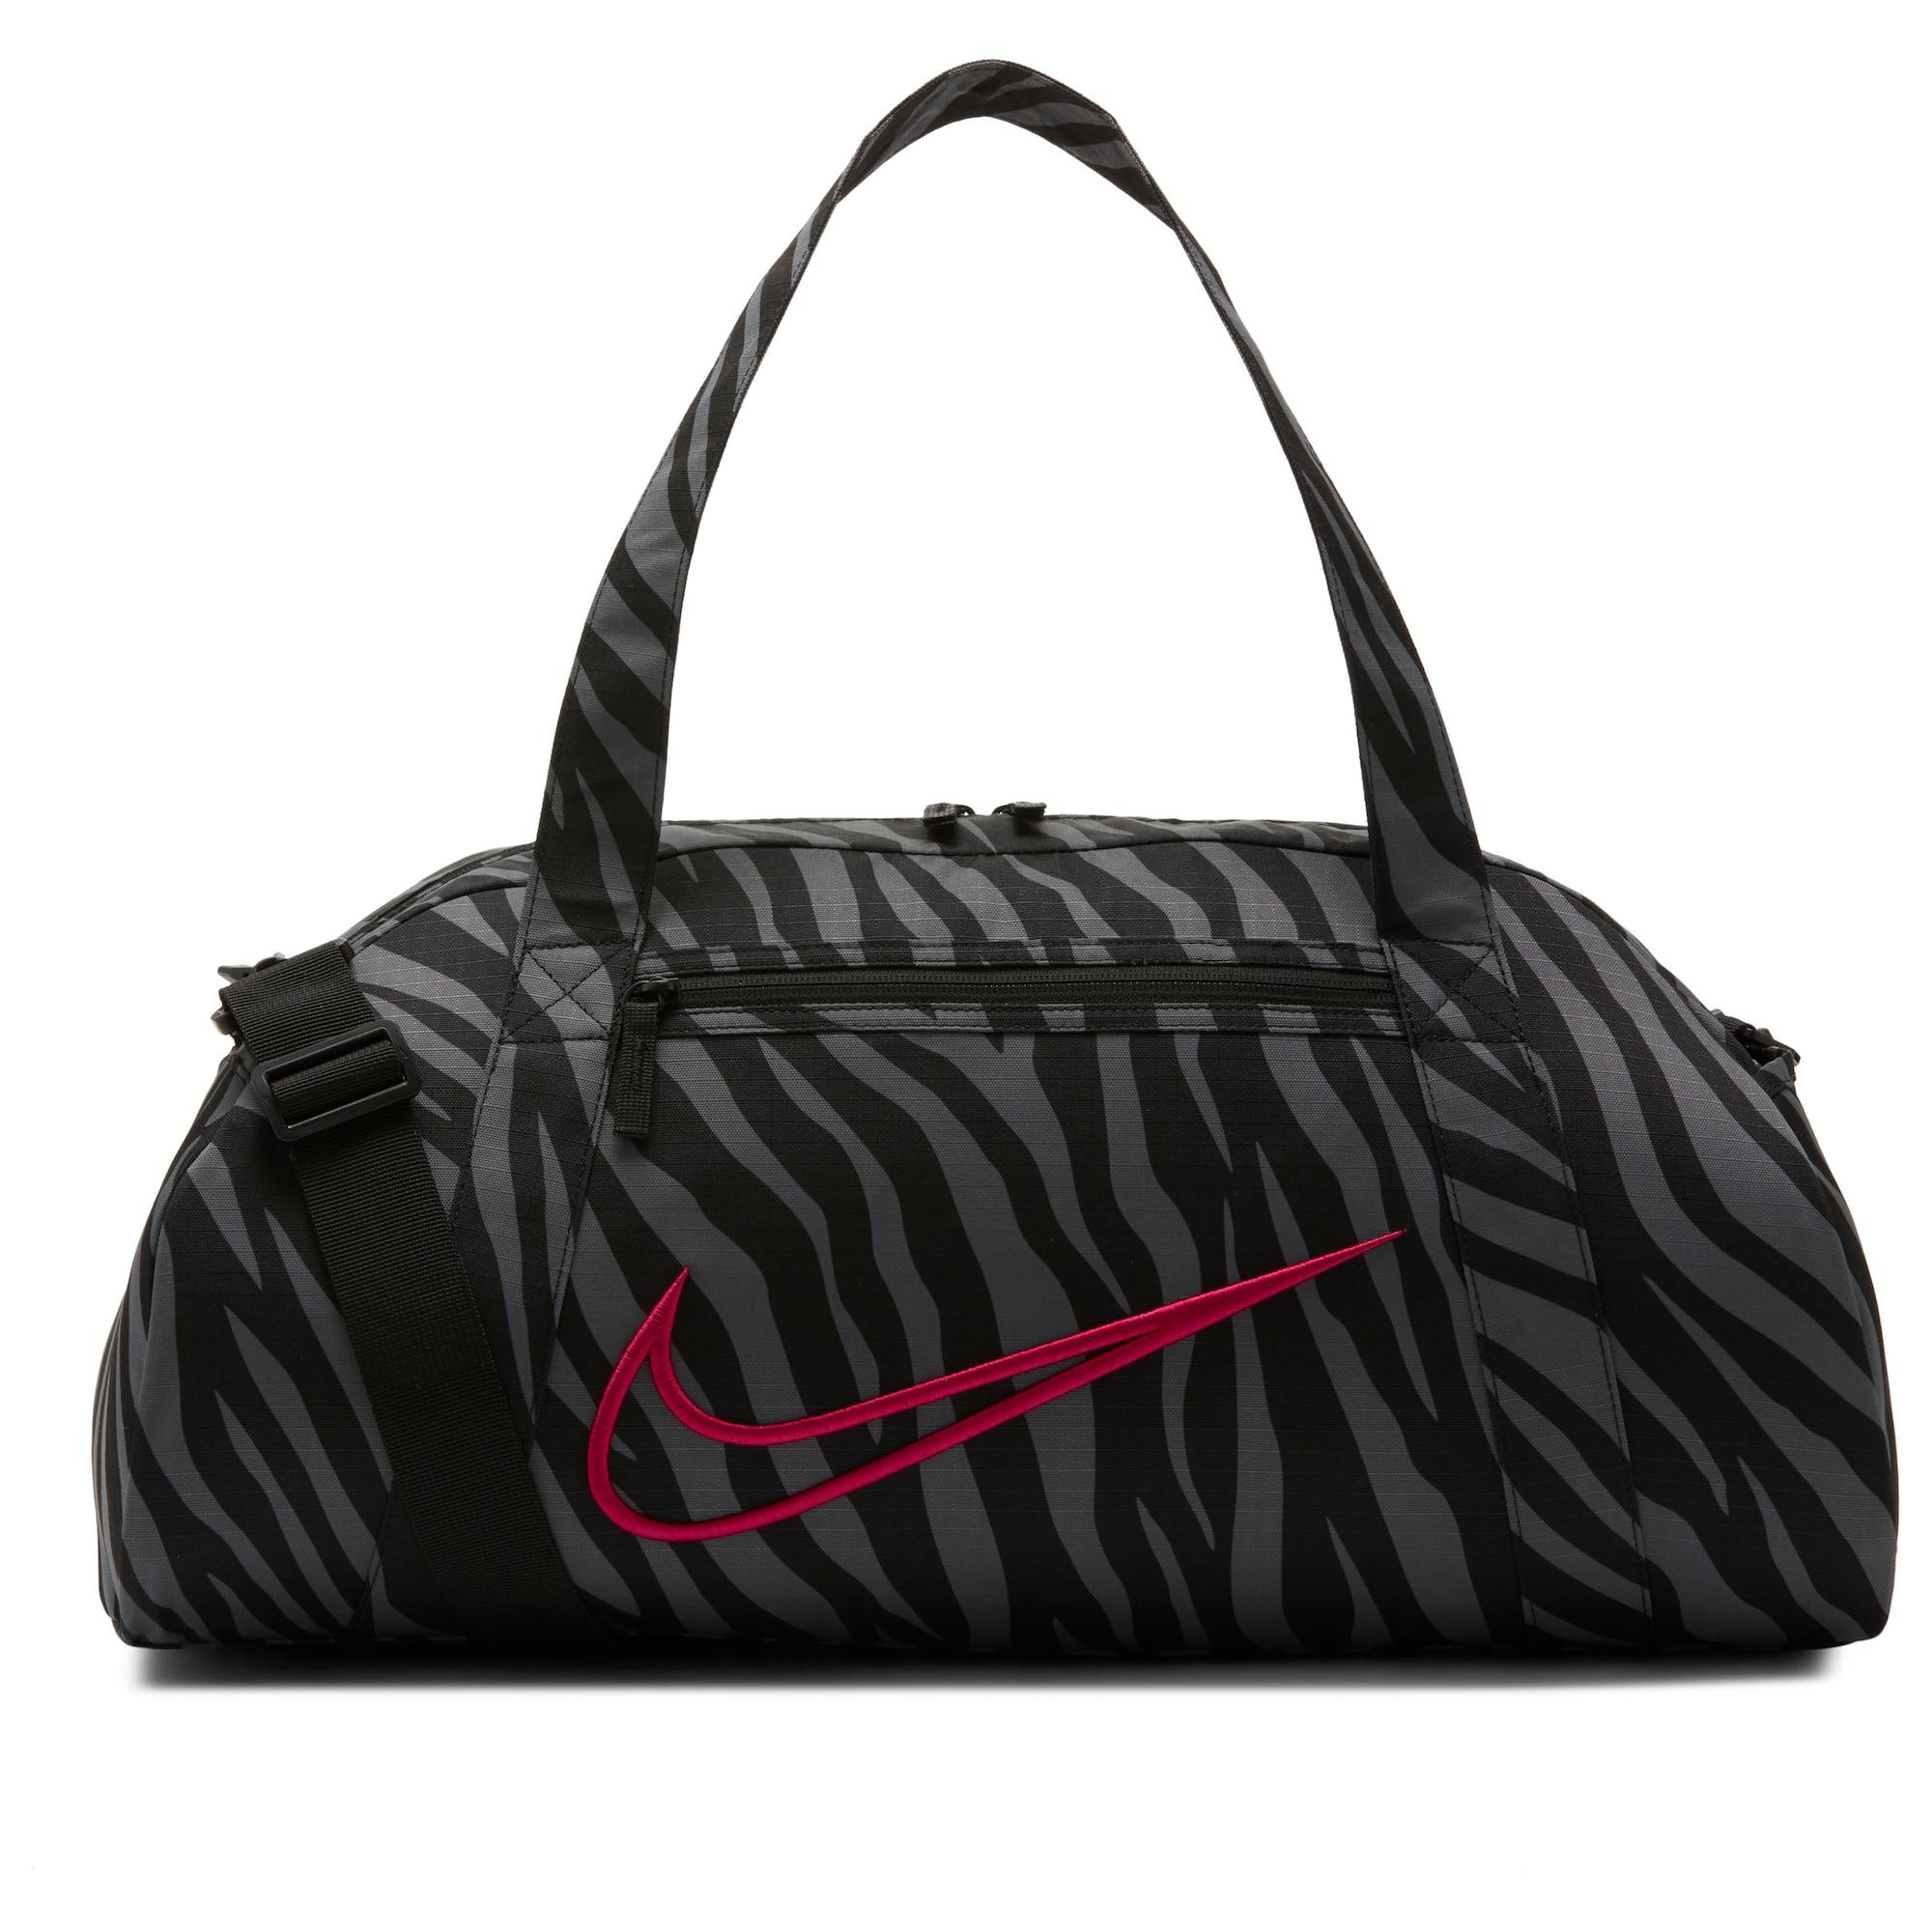 NIKE Sportinis krepšys juoda / pilka / rožinė